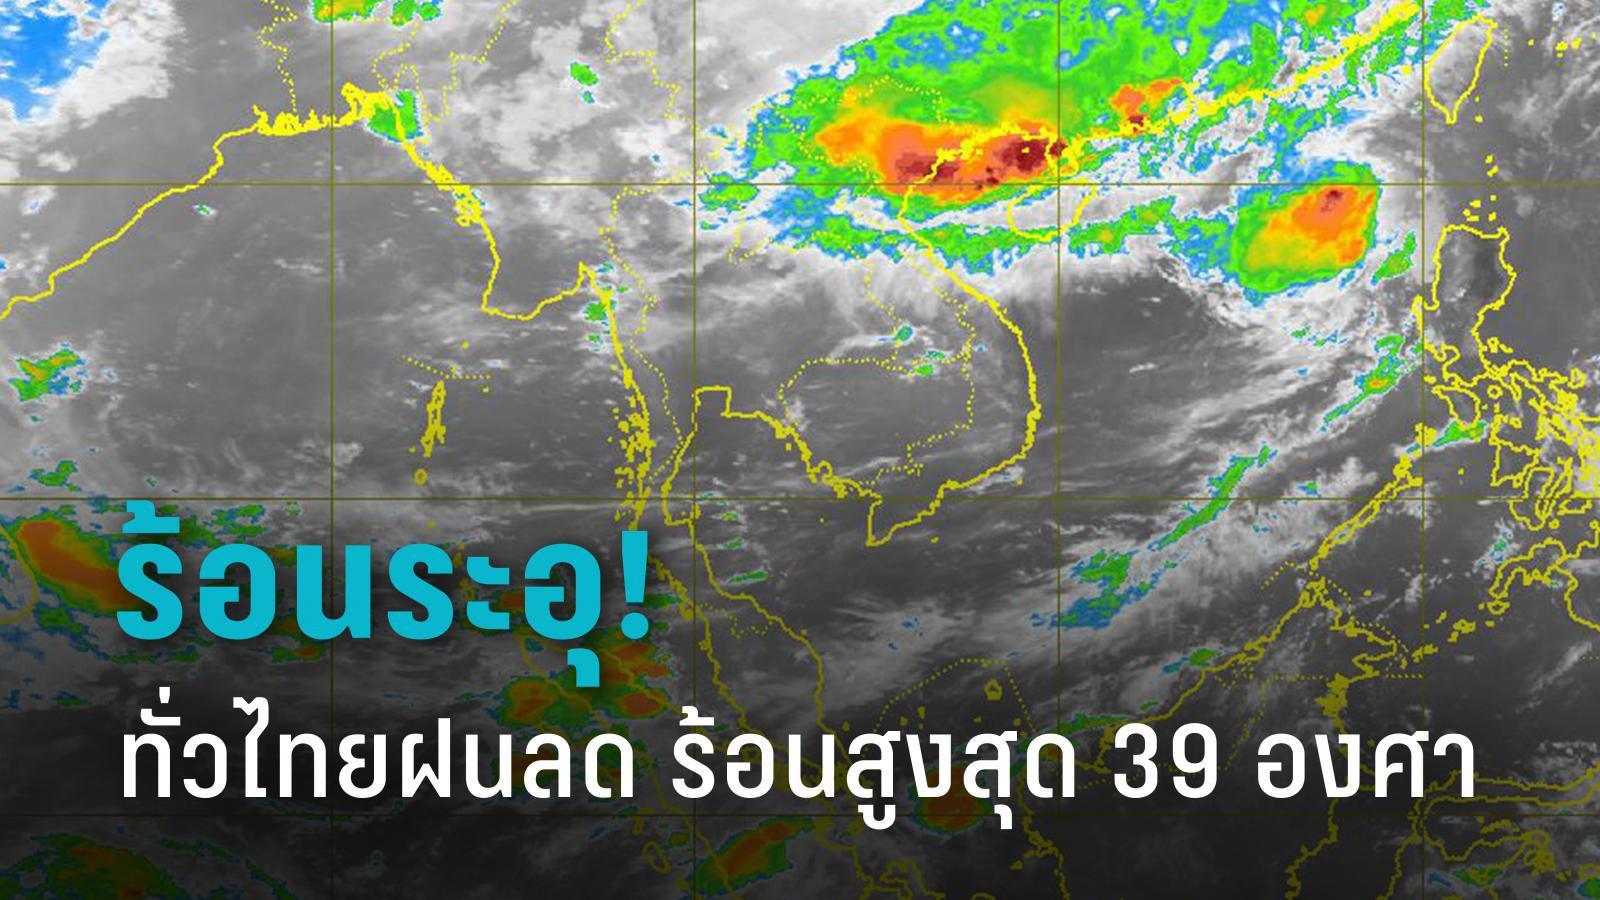 กรมอุตุฯ เผย ทั่วไทยฝนลดลง กลางวันร้อน อุณหภูมิสูงสุด 39 องศา